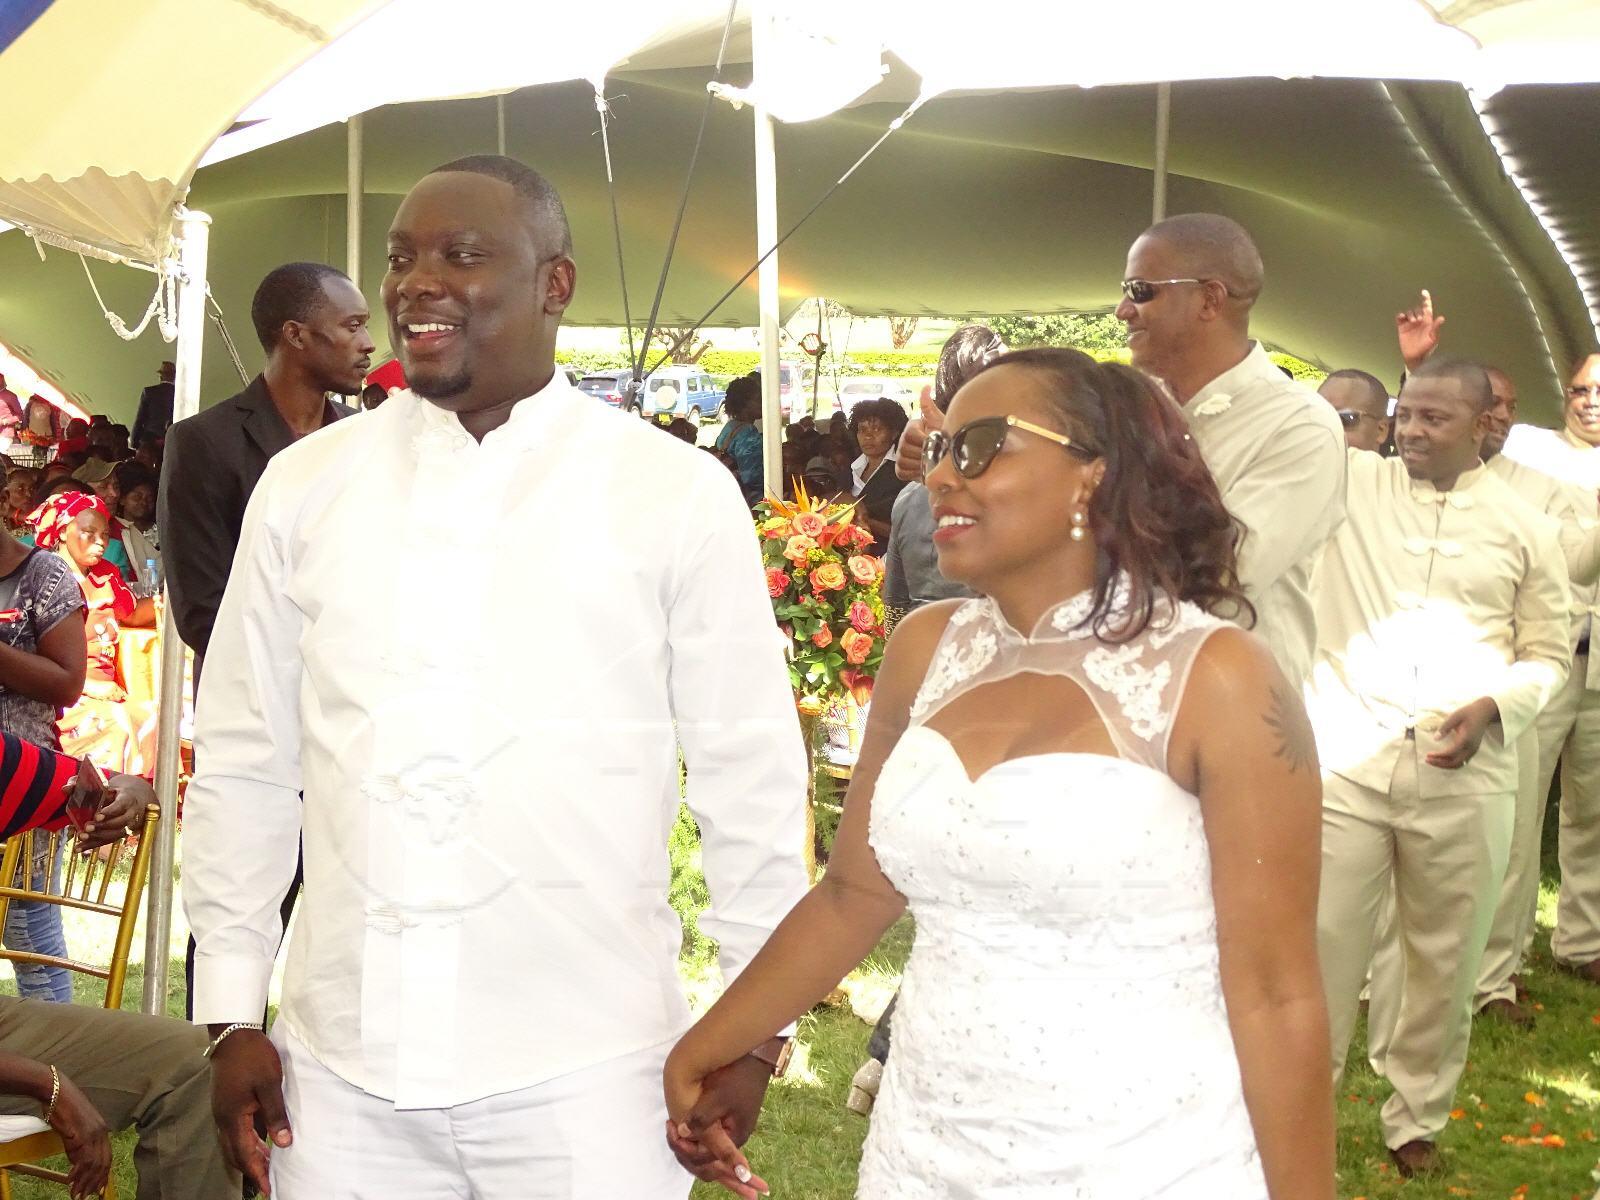 Michael Njenga and Phoebe Wanjiku | Instagram